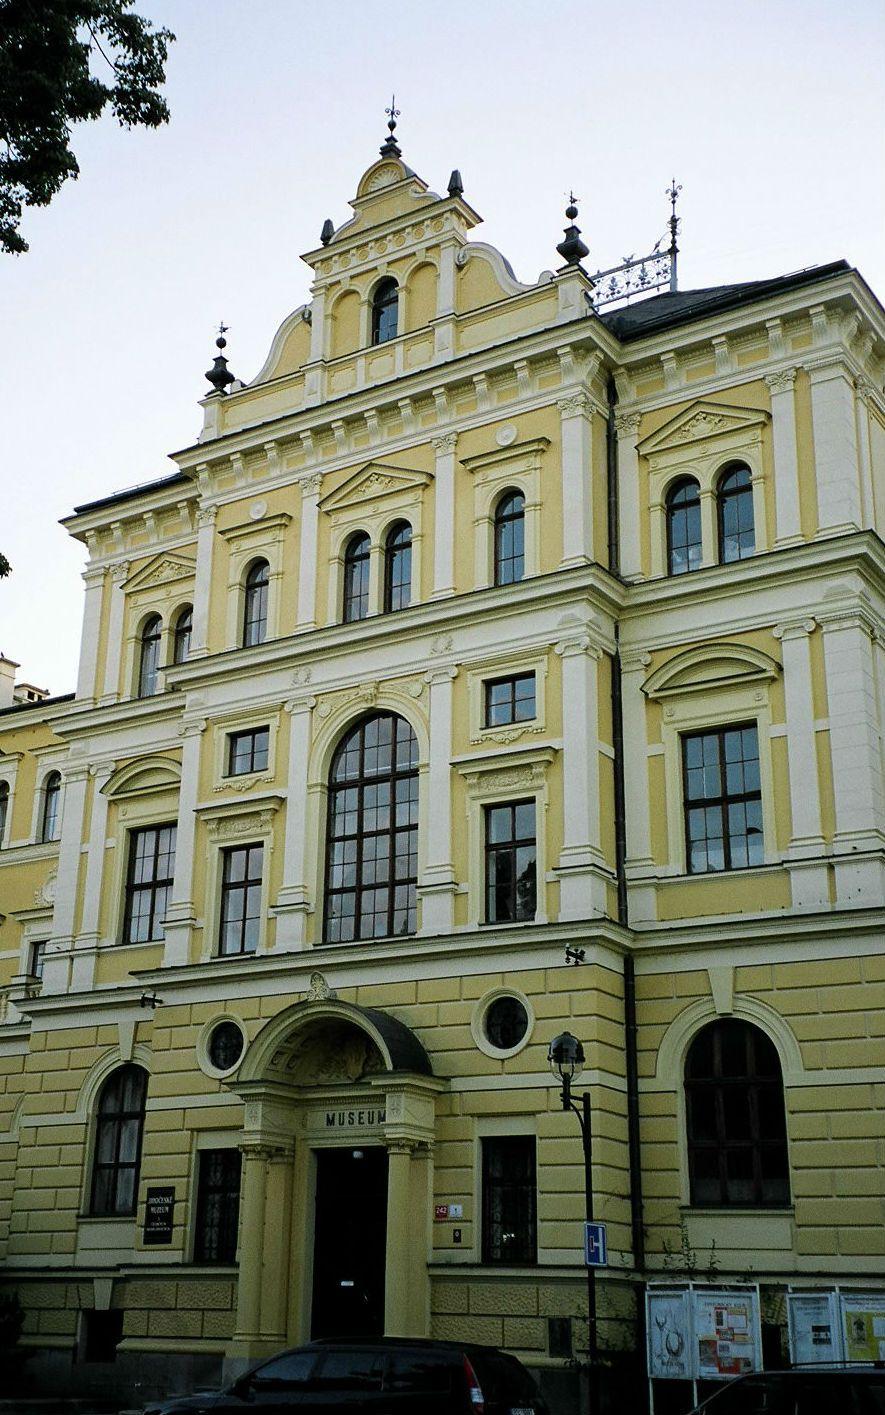 南ボヘミア博物館